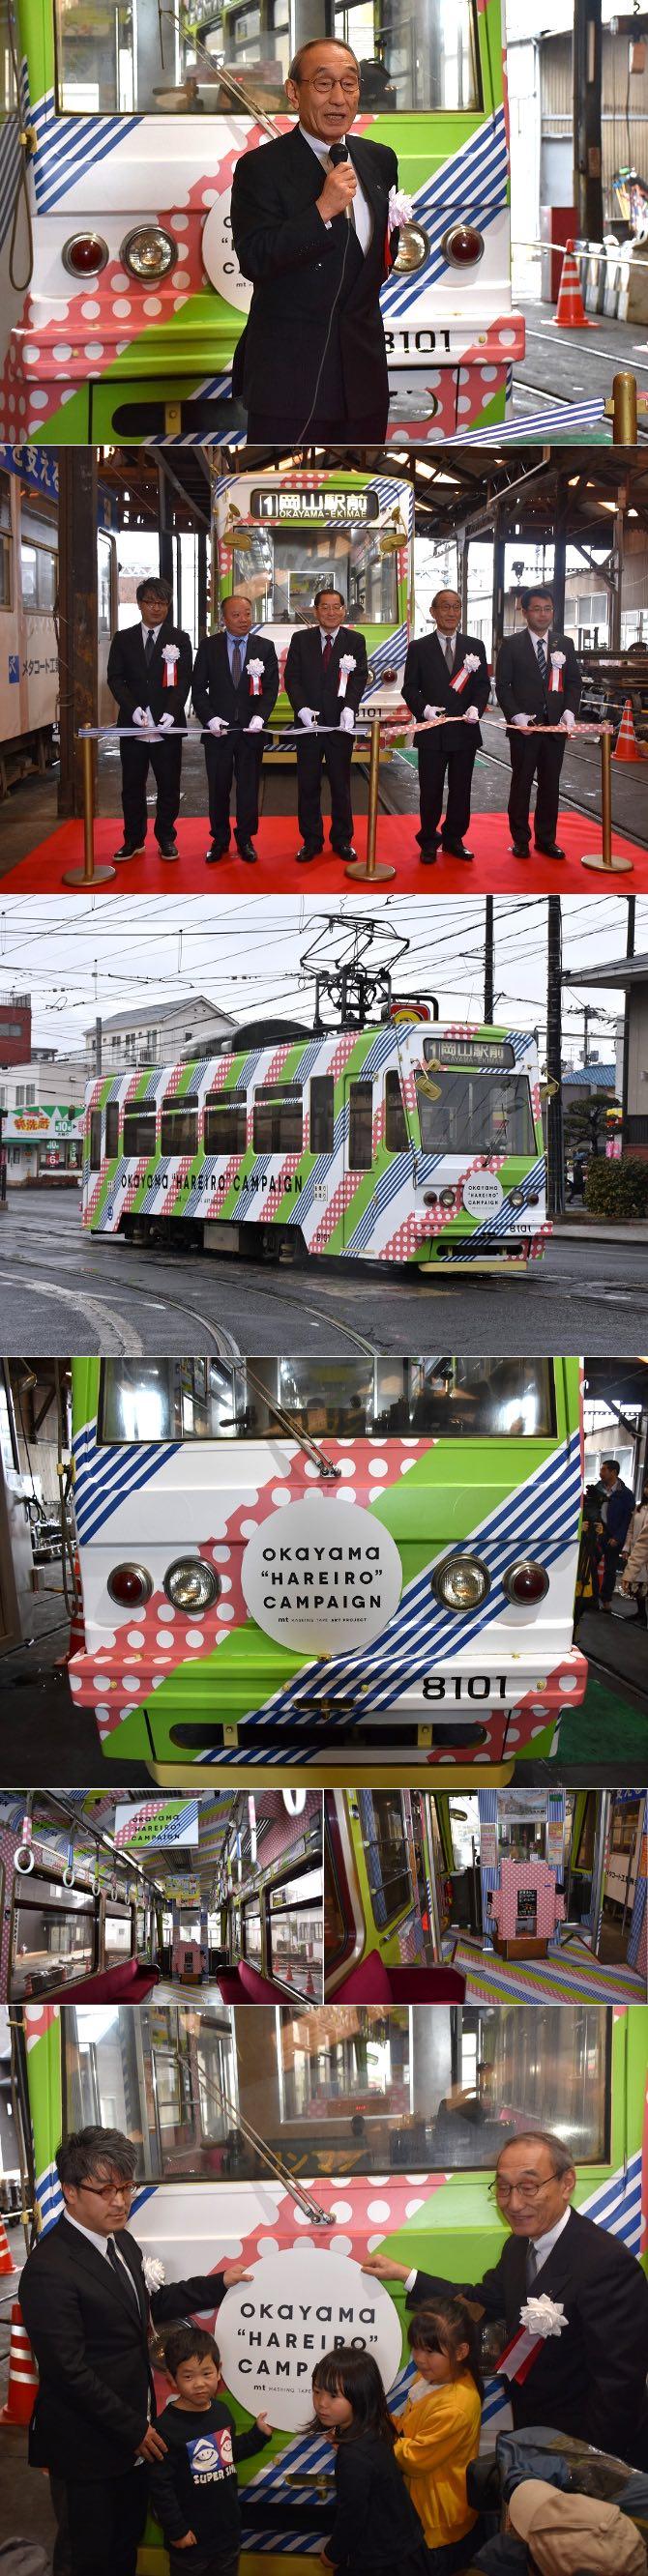 マスキング・アート電車